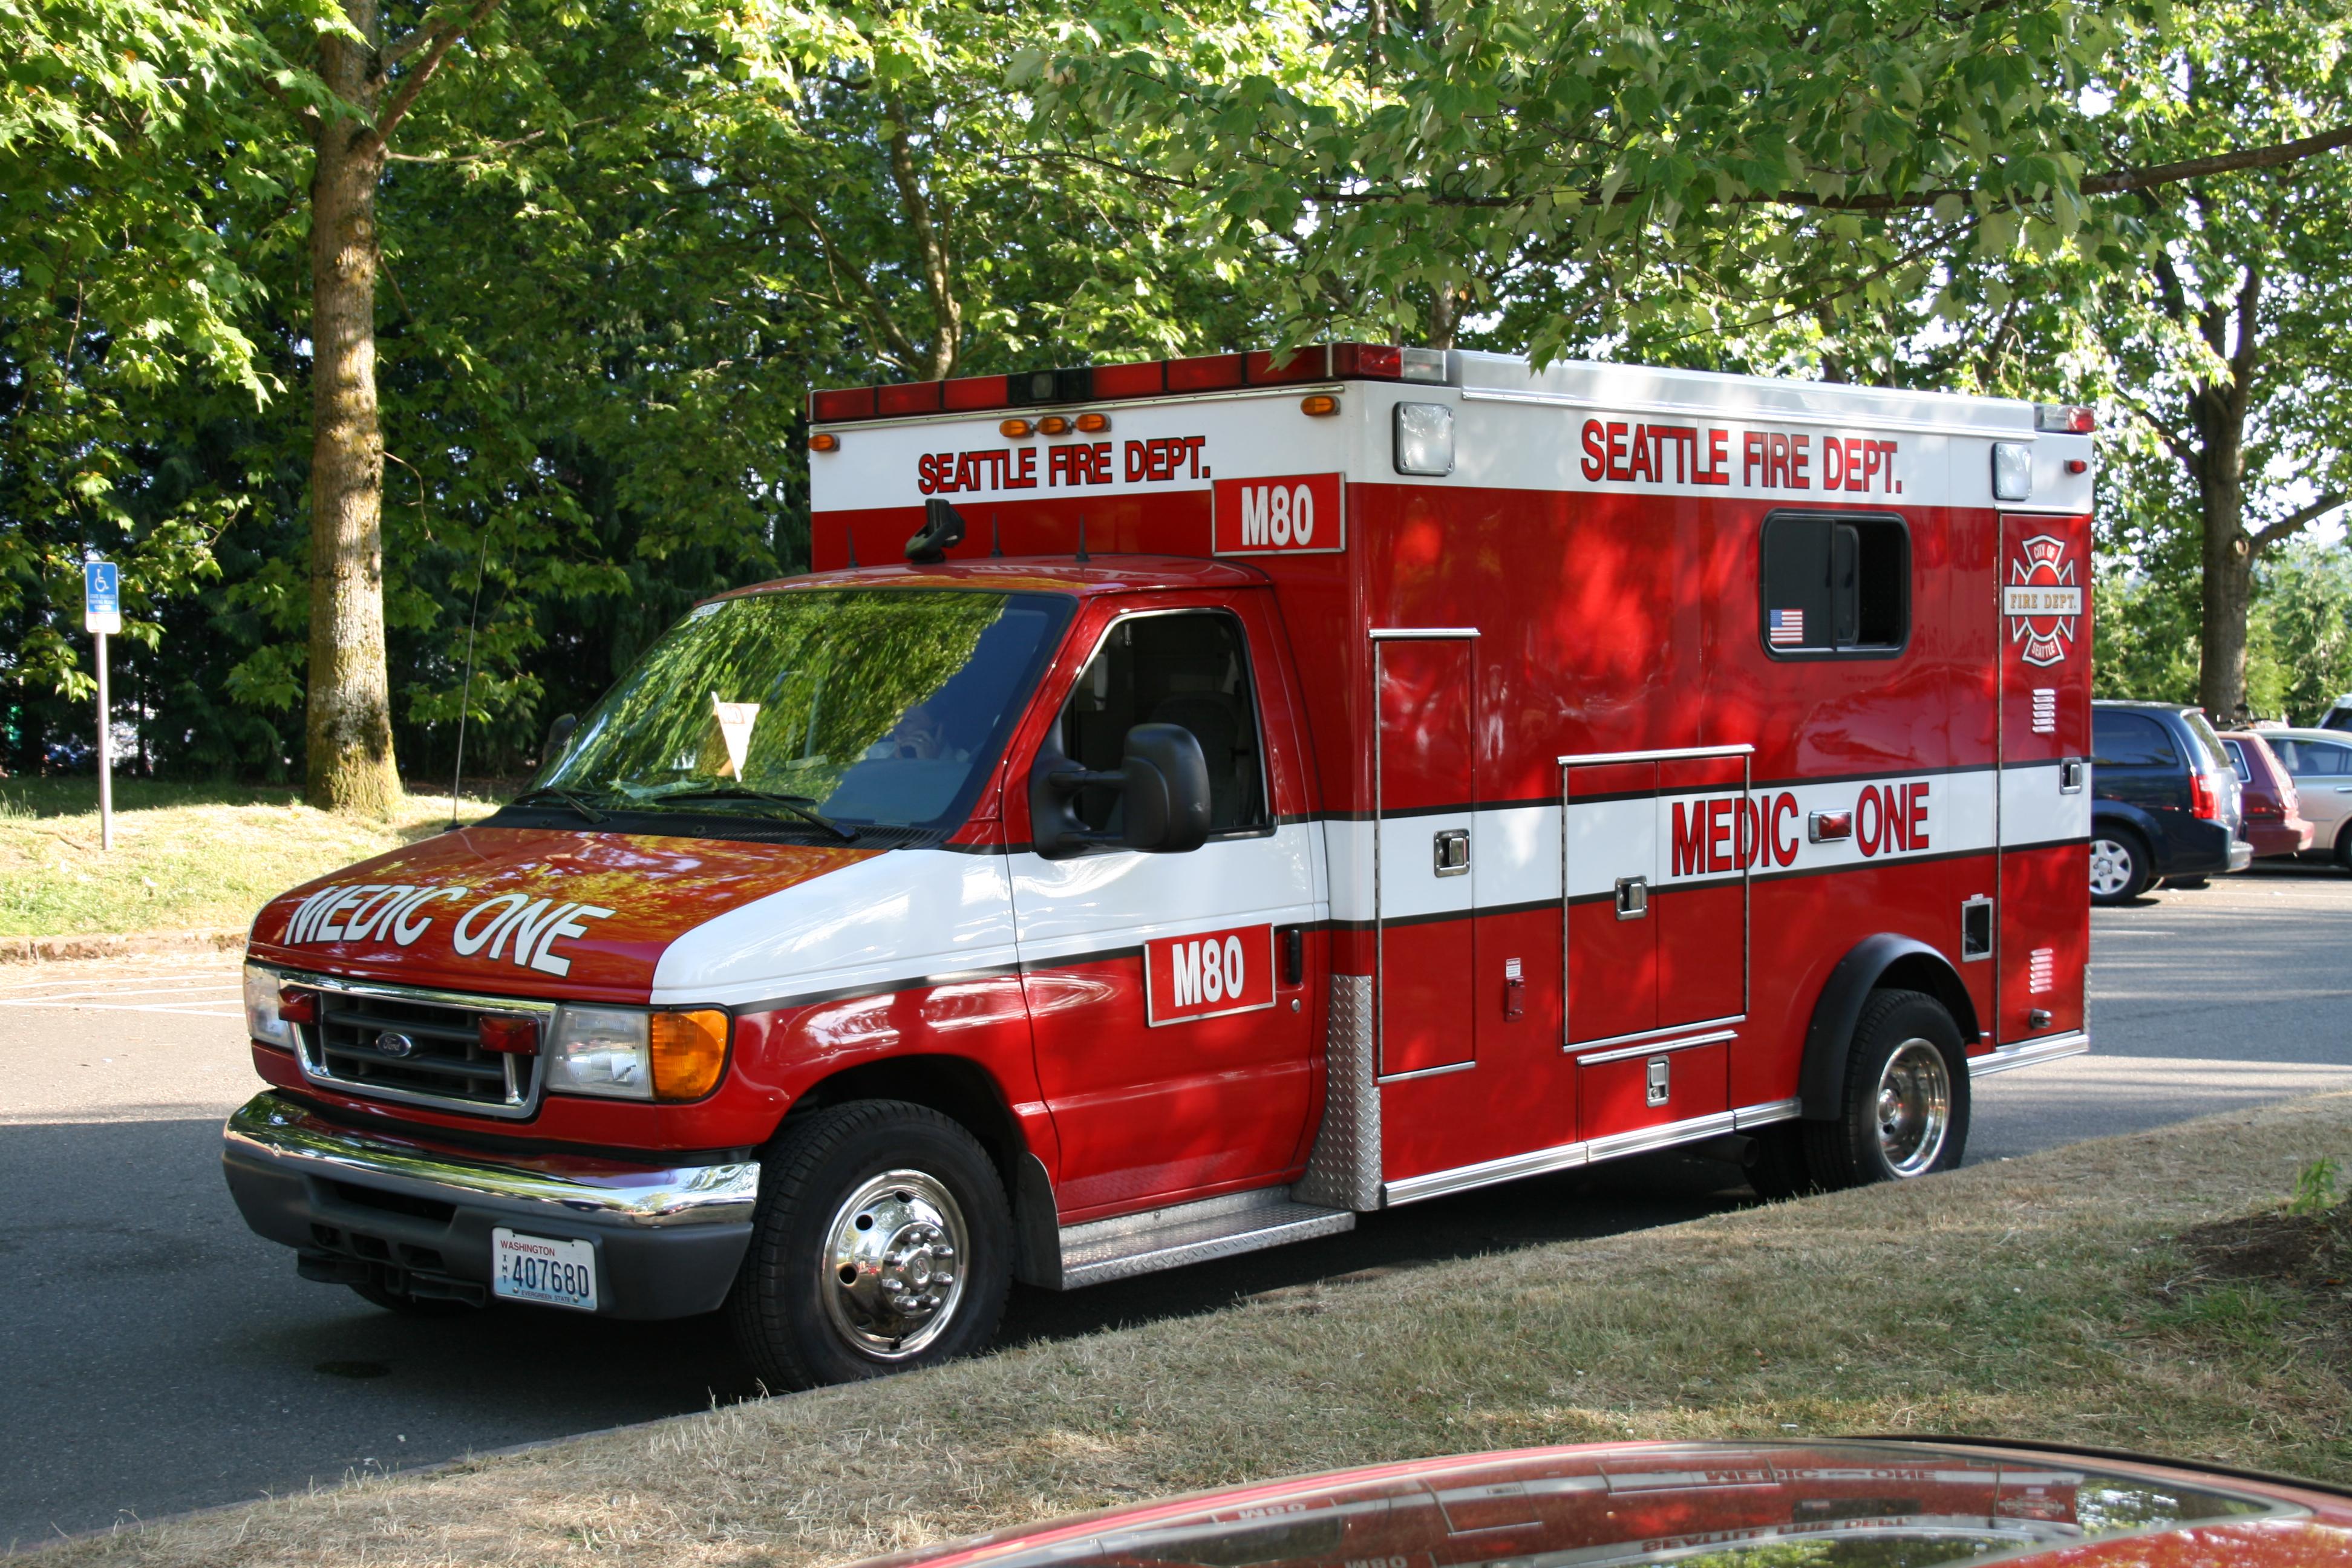 Washington State Vehicle Safety Inspection Used Car